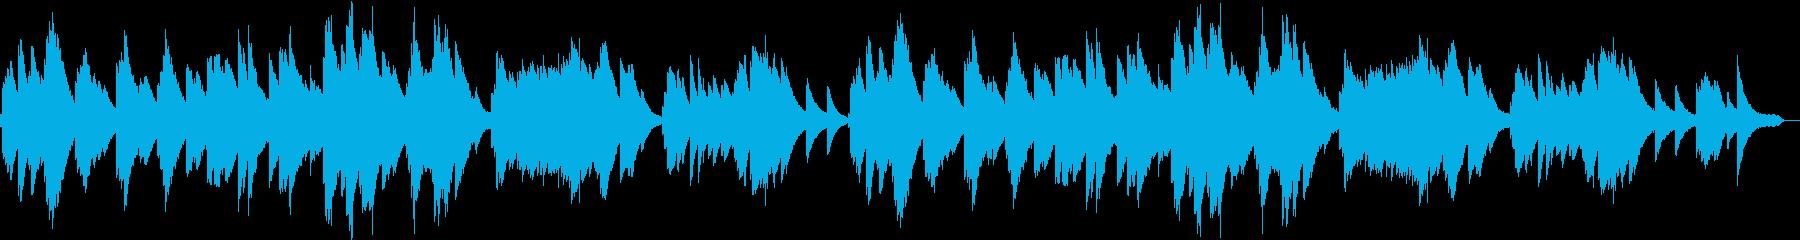 穏やかなエレピのゆったり優しいBGMの再生済みの波形